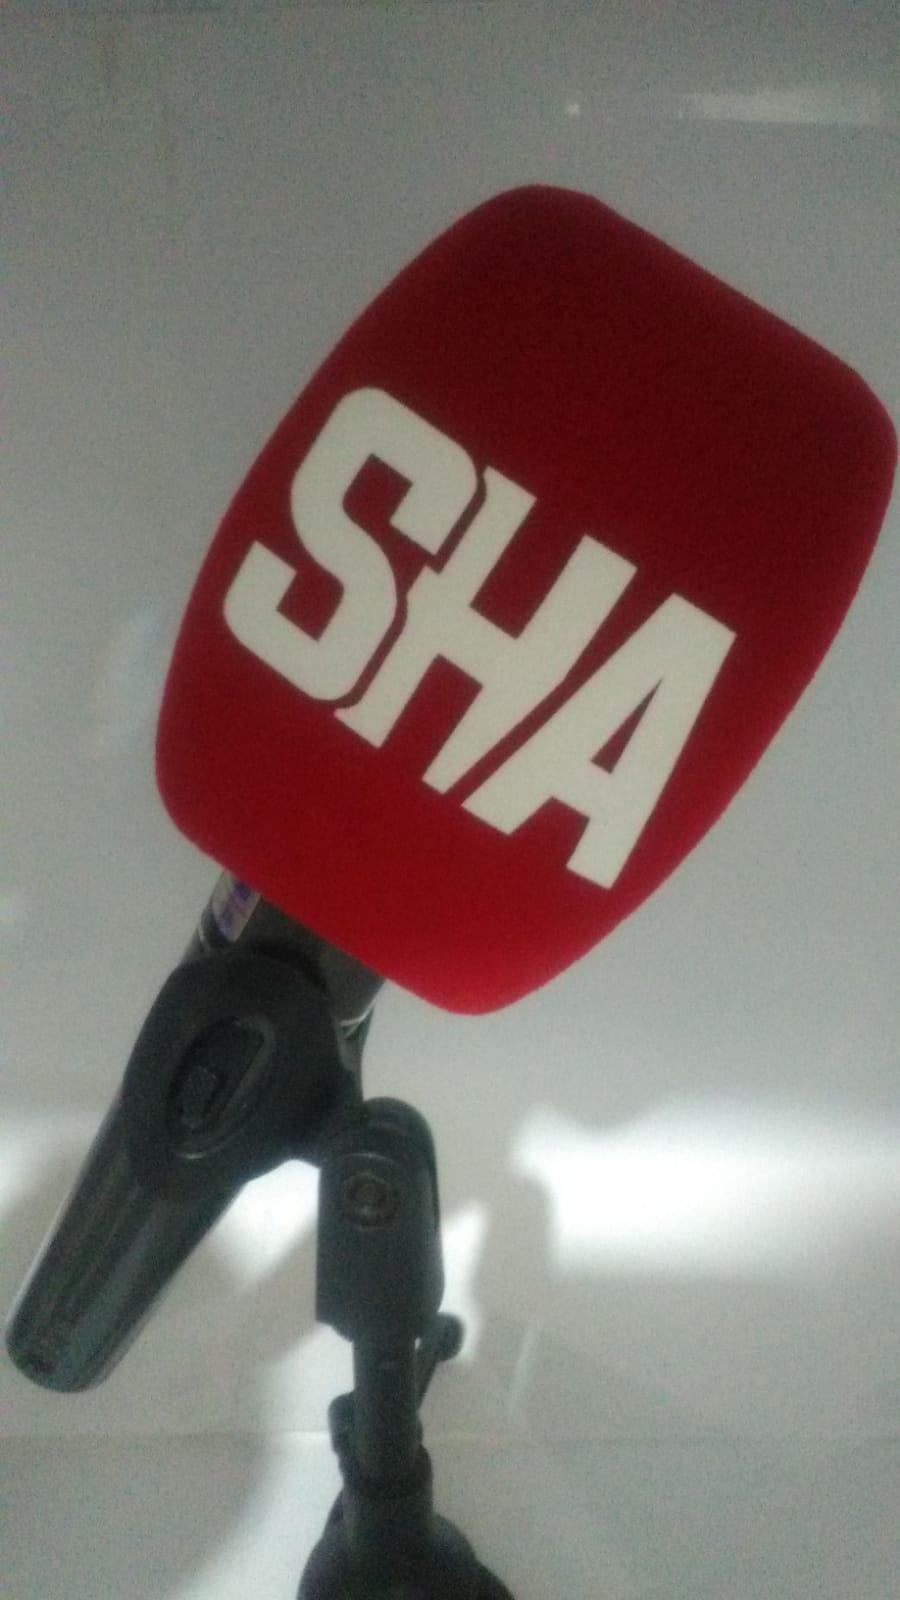 Logolu mikrofon süngeri ve baskılı mikrofon süngeri logolu sünger baskılı sünger (121)